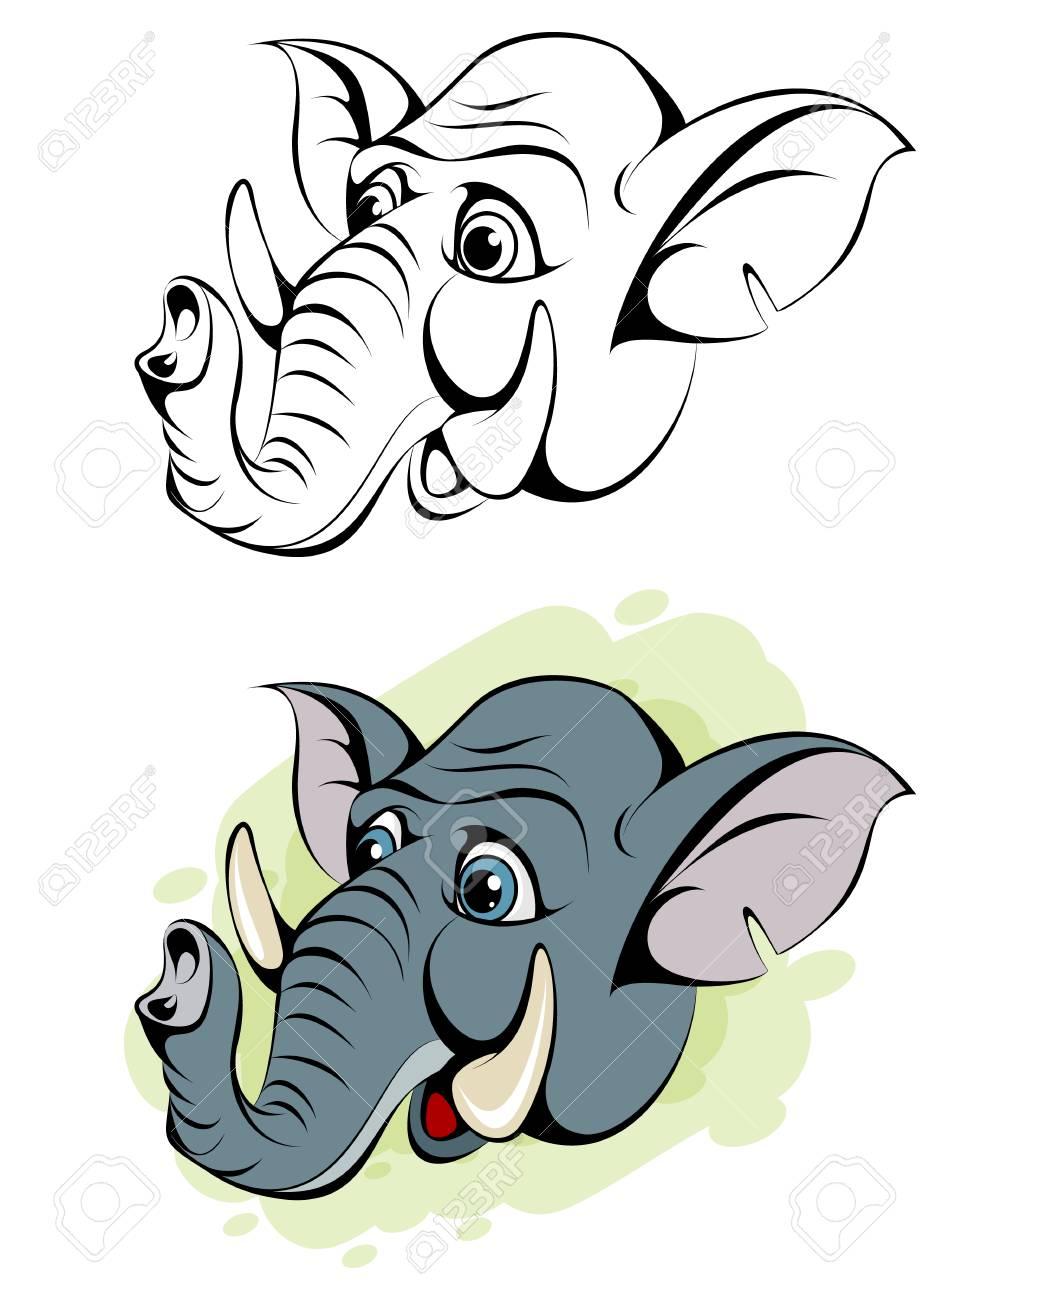 Vector illustration of cartoon head of an elephant - 94843112